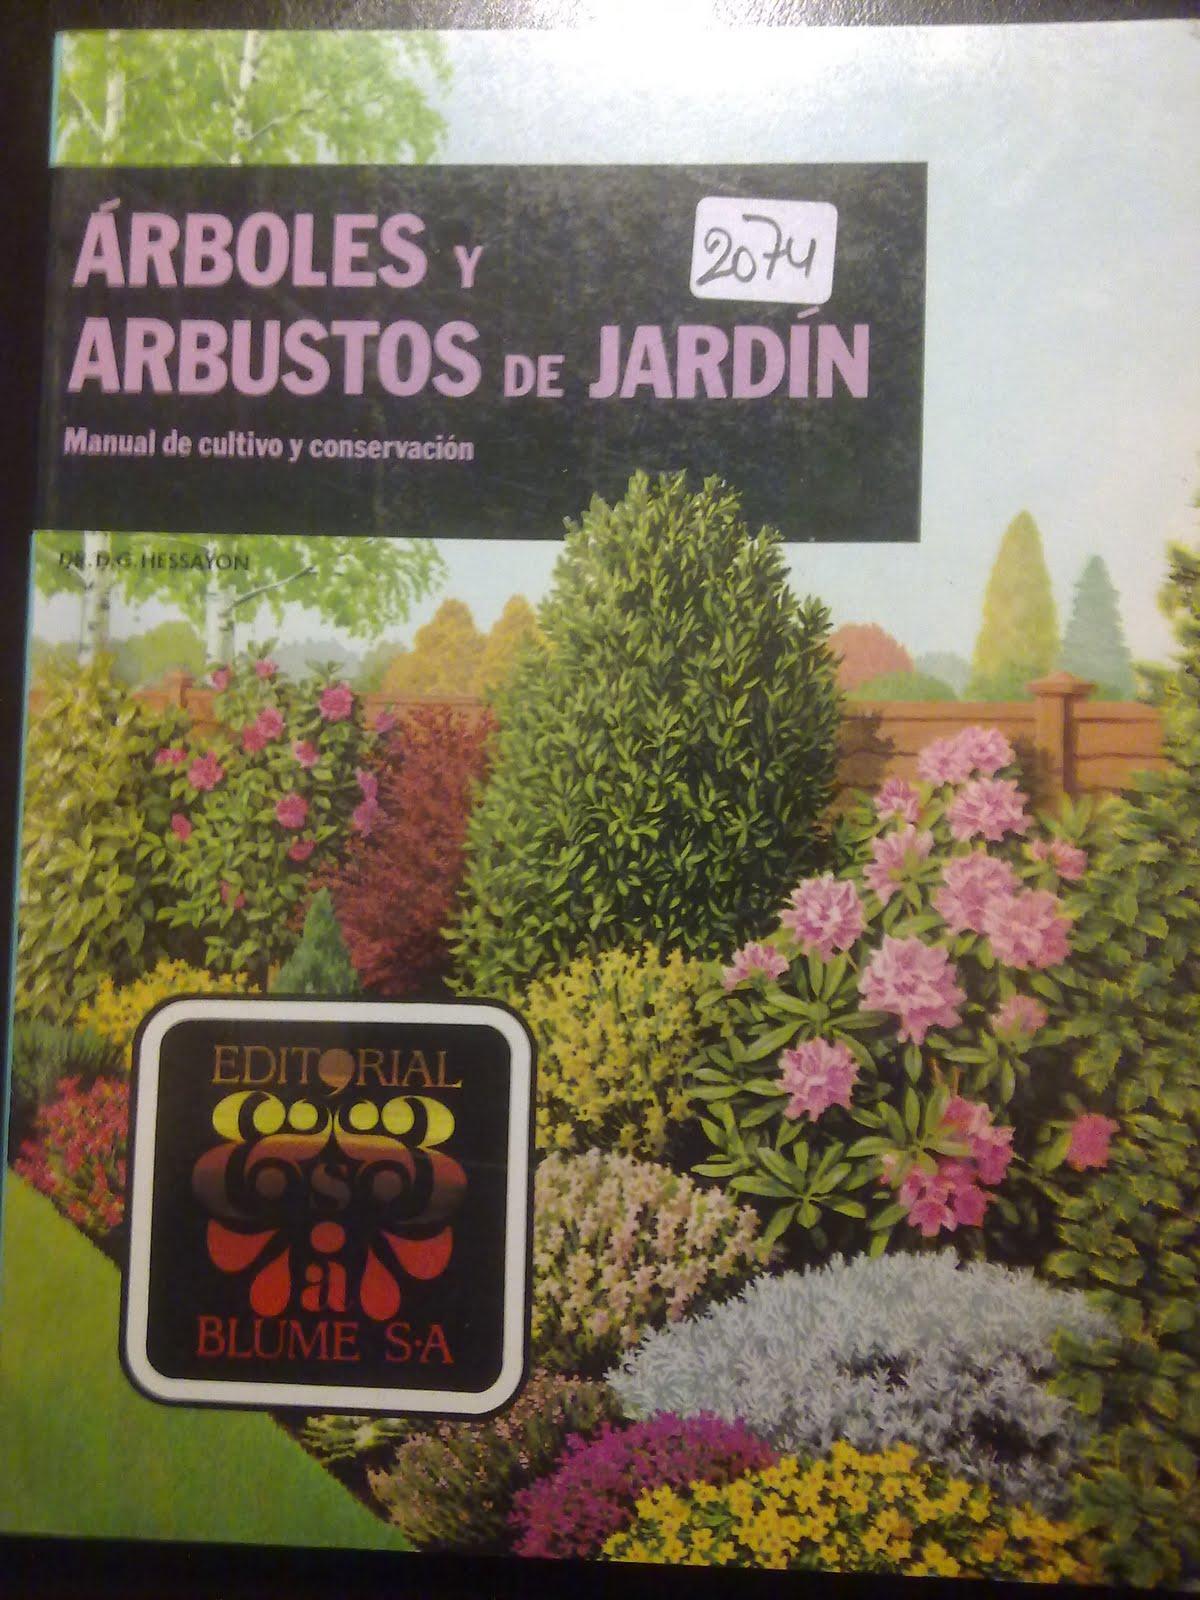 Materialparaelnaturalista arboles y arbustos de jard n for Jardines con arboles y arbustos